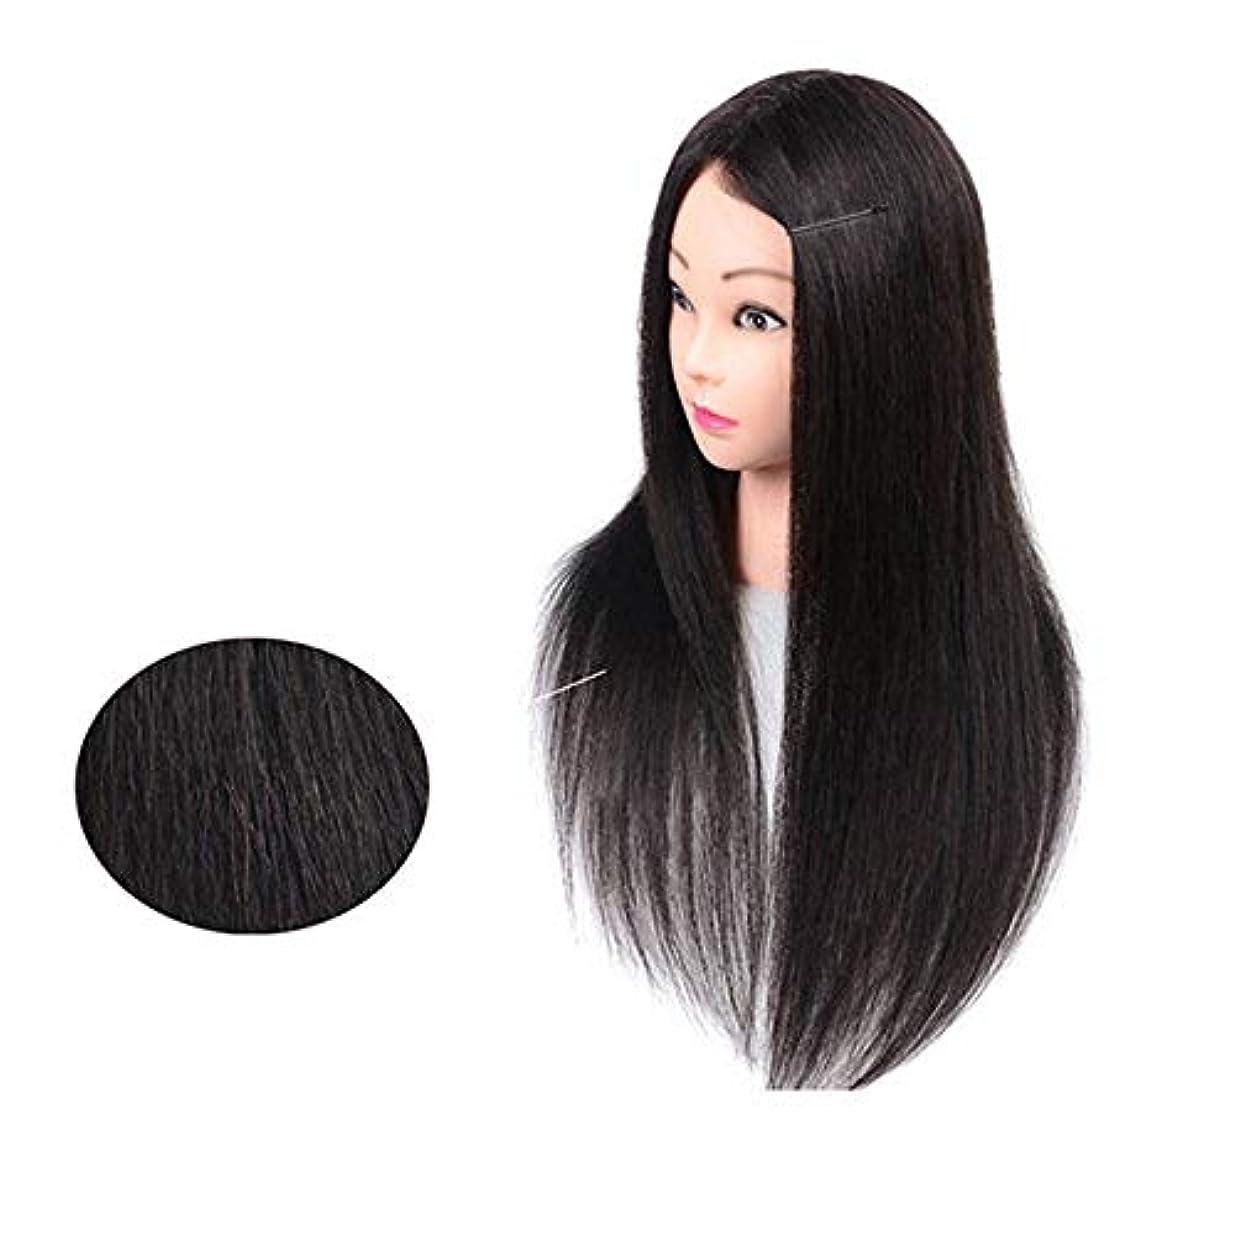 専門知識課税北へウイッグ マネキンヘッド クランプ実践サロンでは80%の人間の髪マネキン頭部イエローナチュラルカラー 練習用 (色 : ブラック, サイズ : 60cm(hair length))